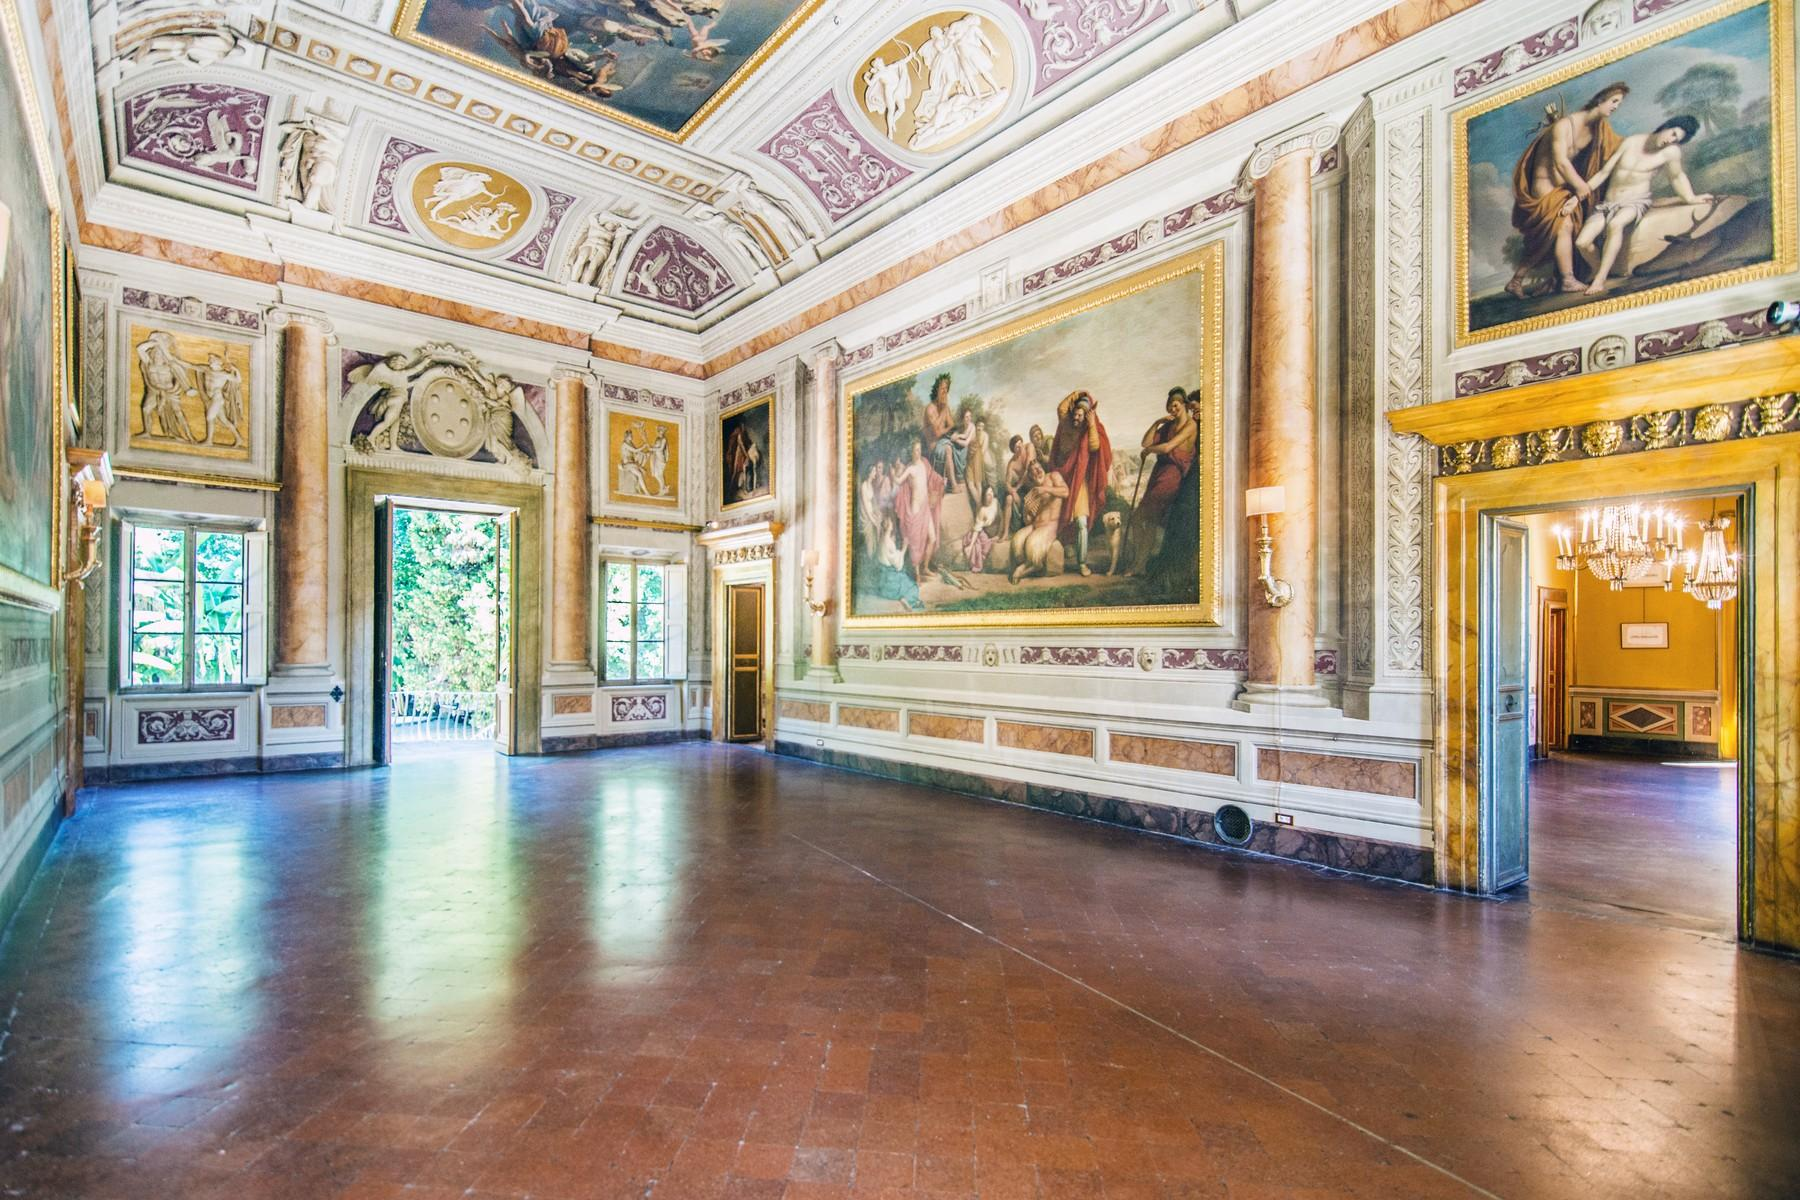 Роскошный особняк XVI века на тосканских холмах в Лукке, Италия - 13